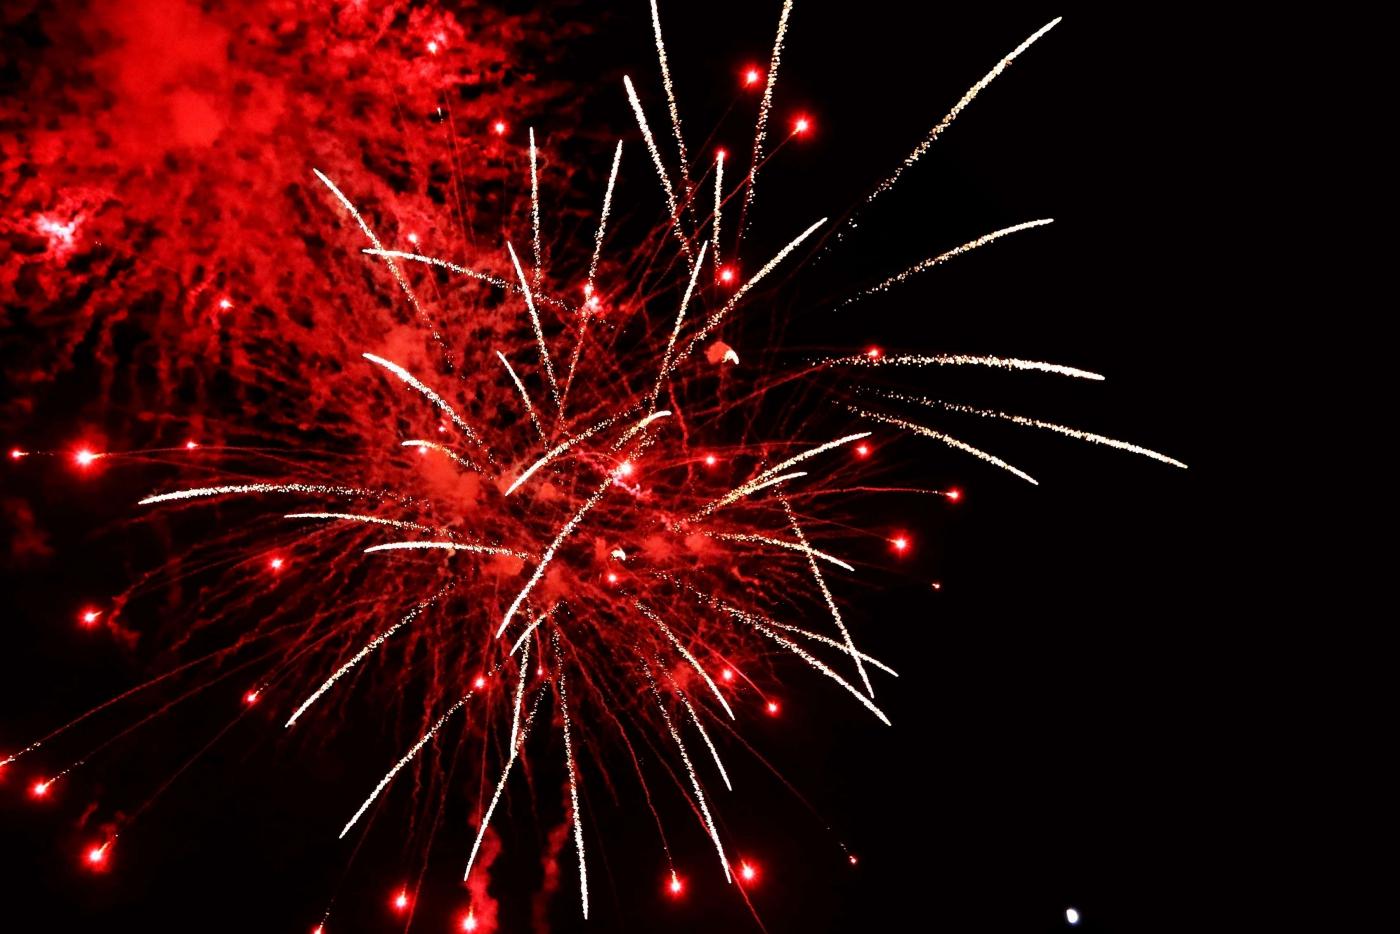 新泽西小镇125岁生日焰火实录_图1-10